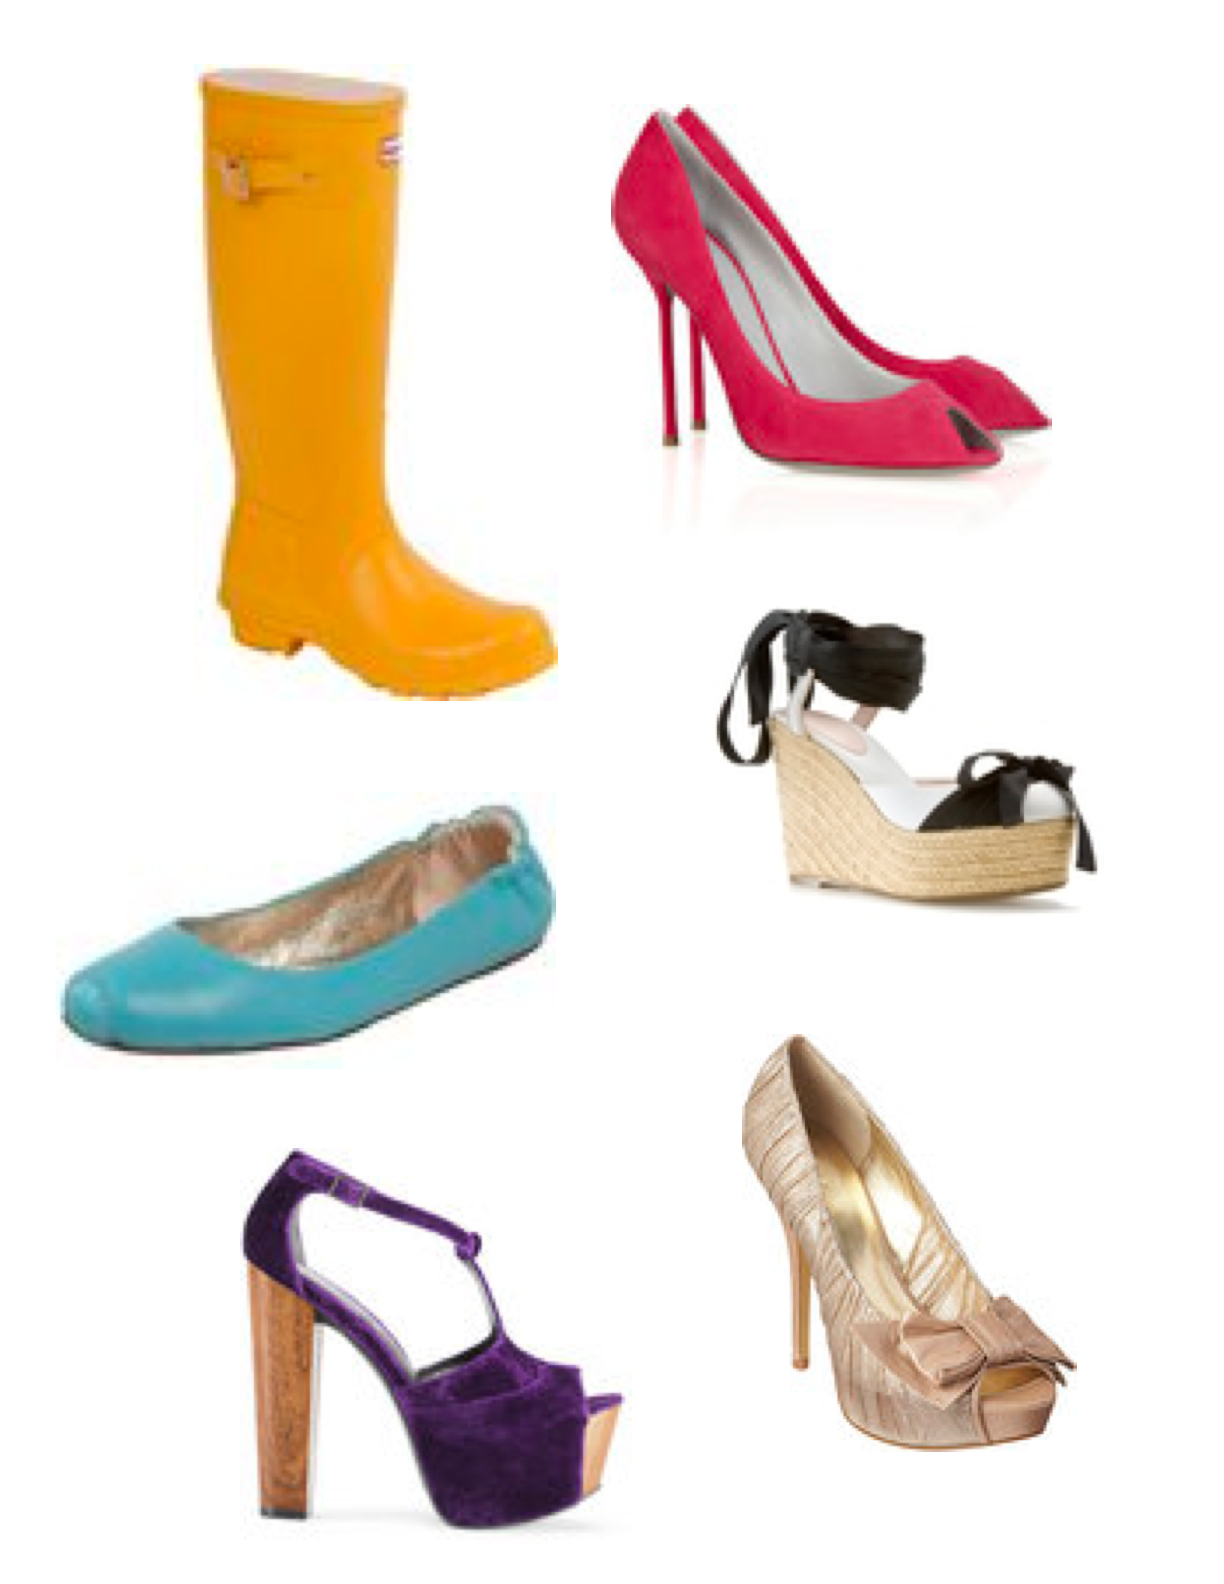 http://4.bp.blogspot.com/_WmPa1eahXN4/TUoalEkZqdI/AAAAAAAAAM8/DvmBxZHkk9E/s1600/shoes.jpg